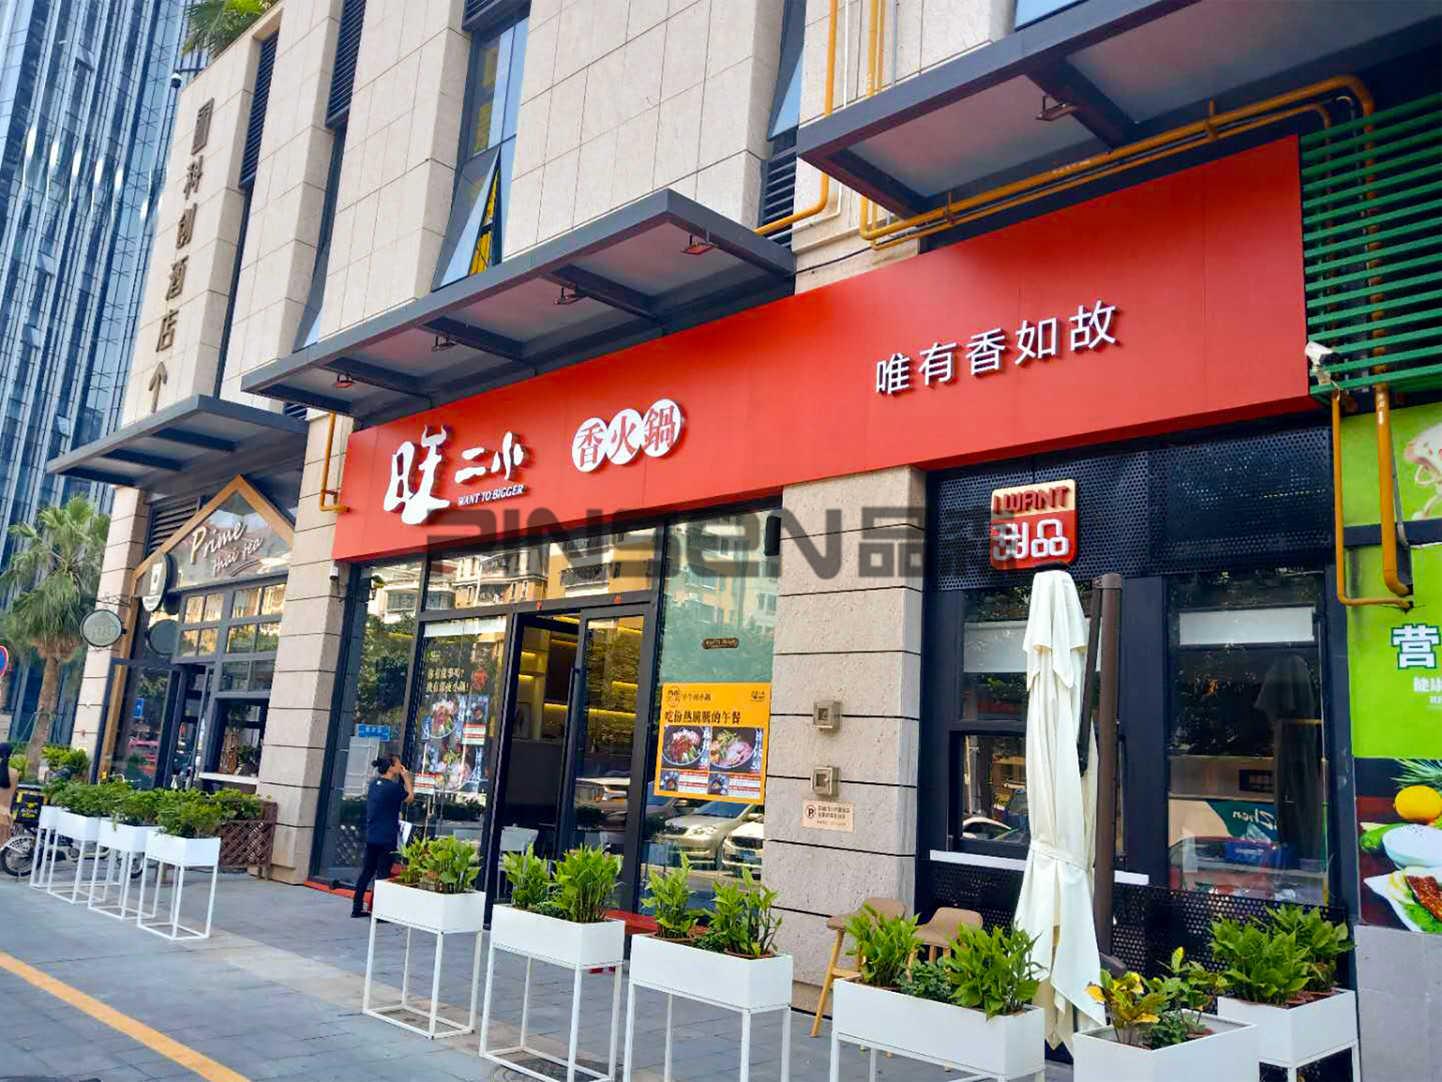 旺小二(南山店)餐厅家具定制空间欣赏